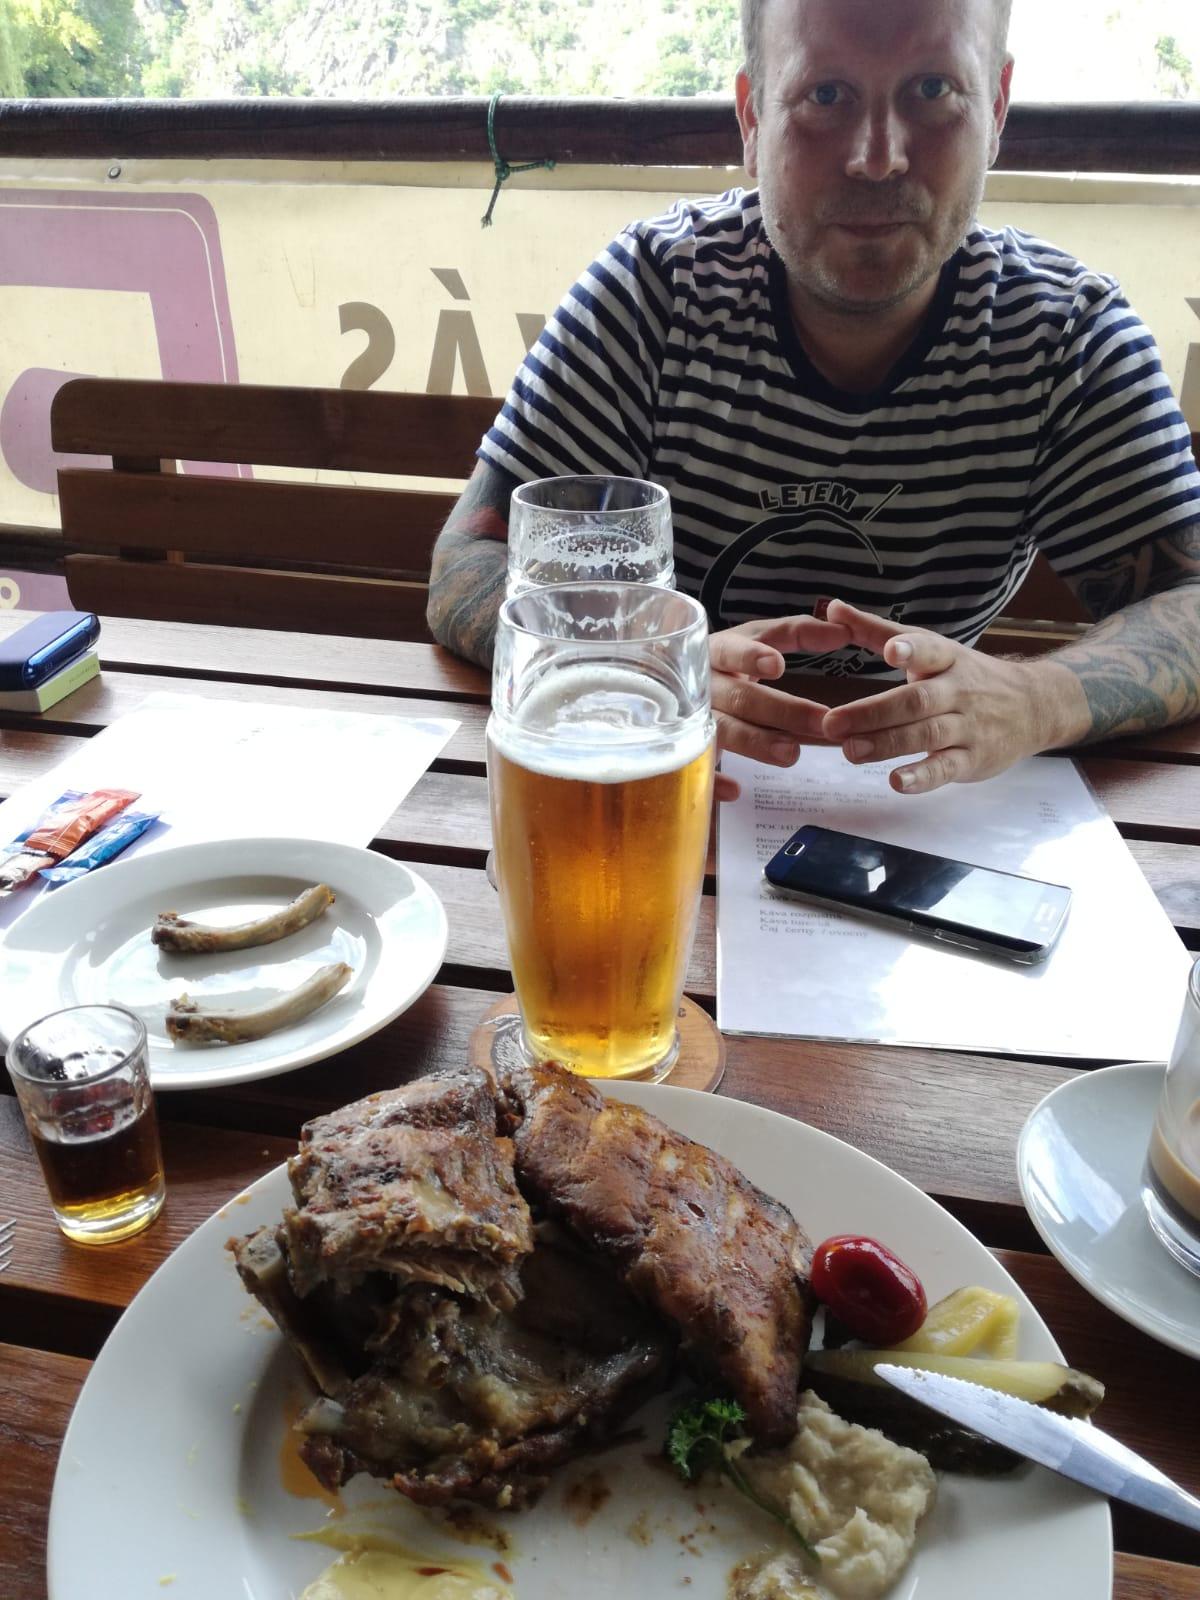 Oboz 59, jídlo na baru. Jára si dal žebra a prý nebyly zlé.